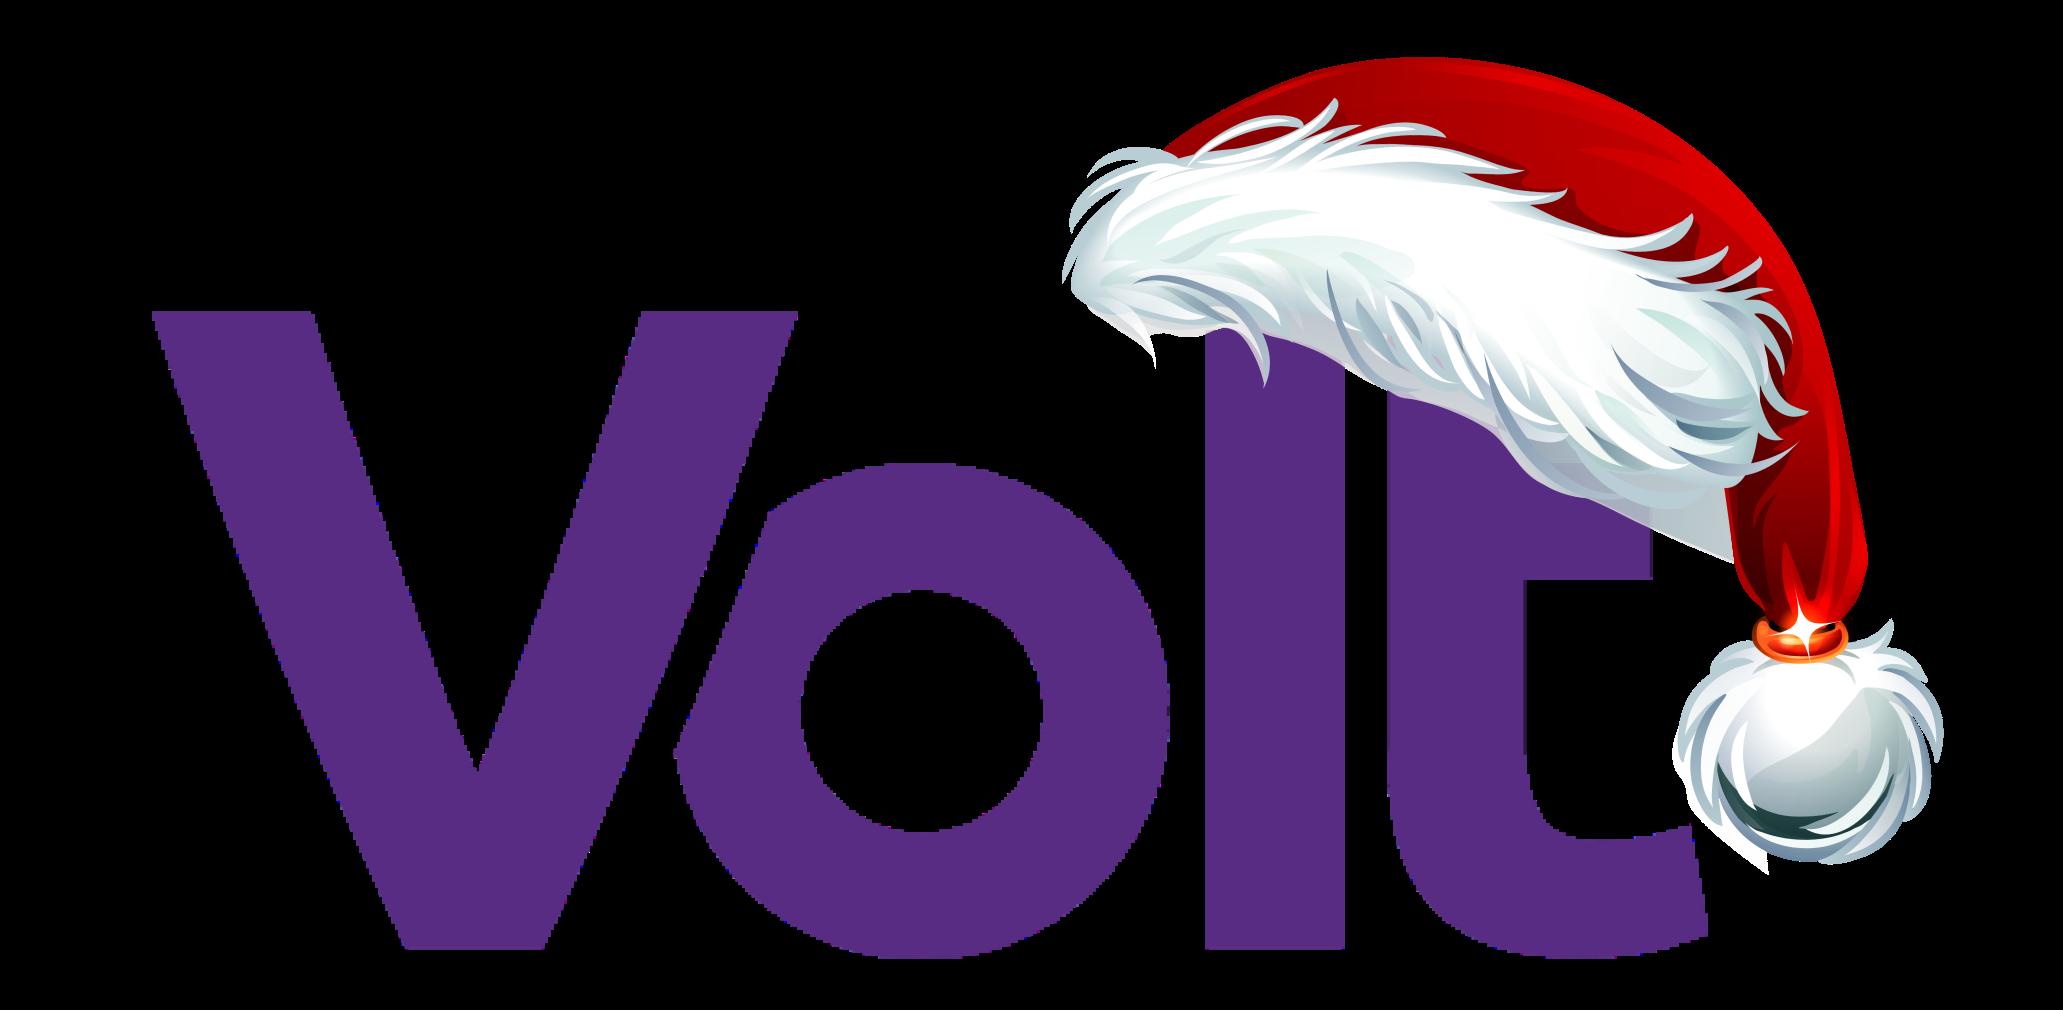 Volt2020